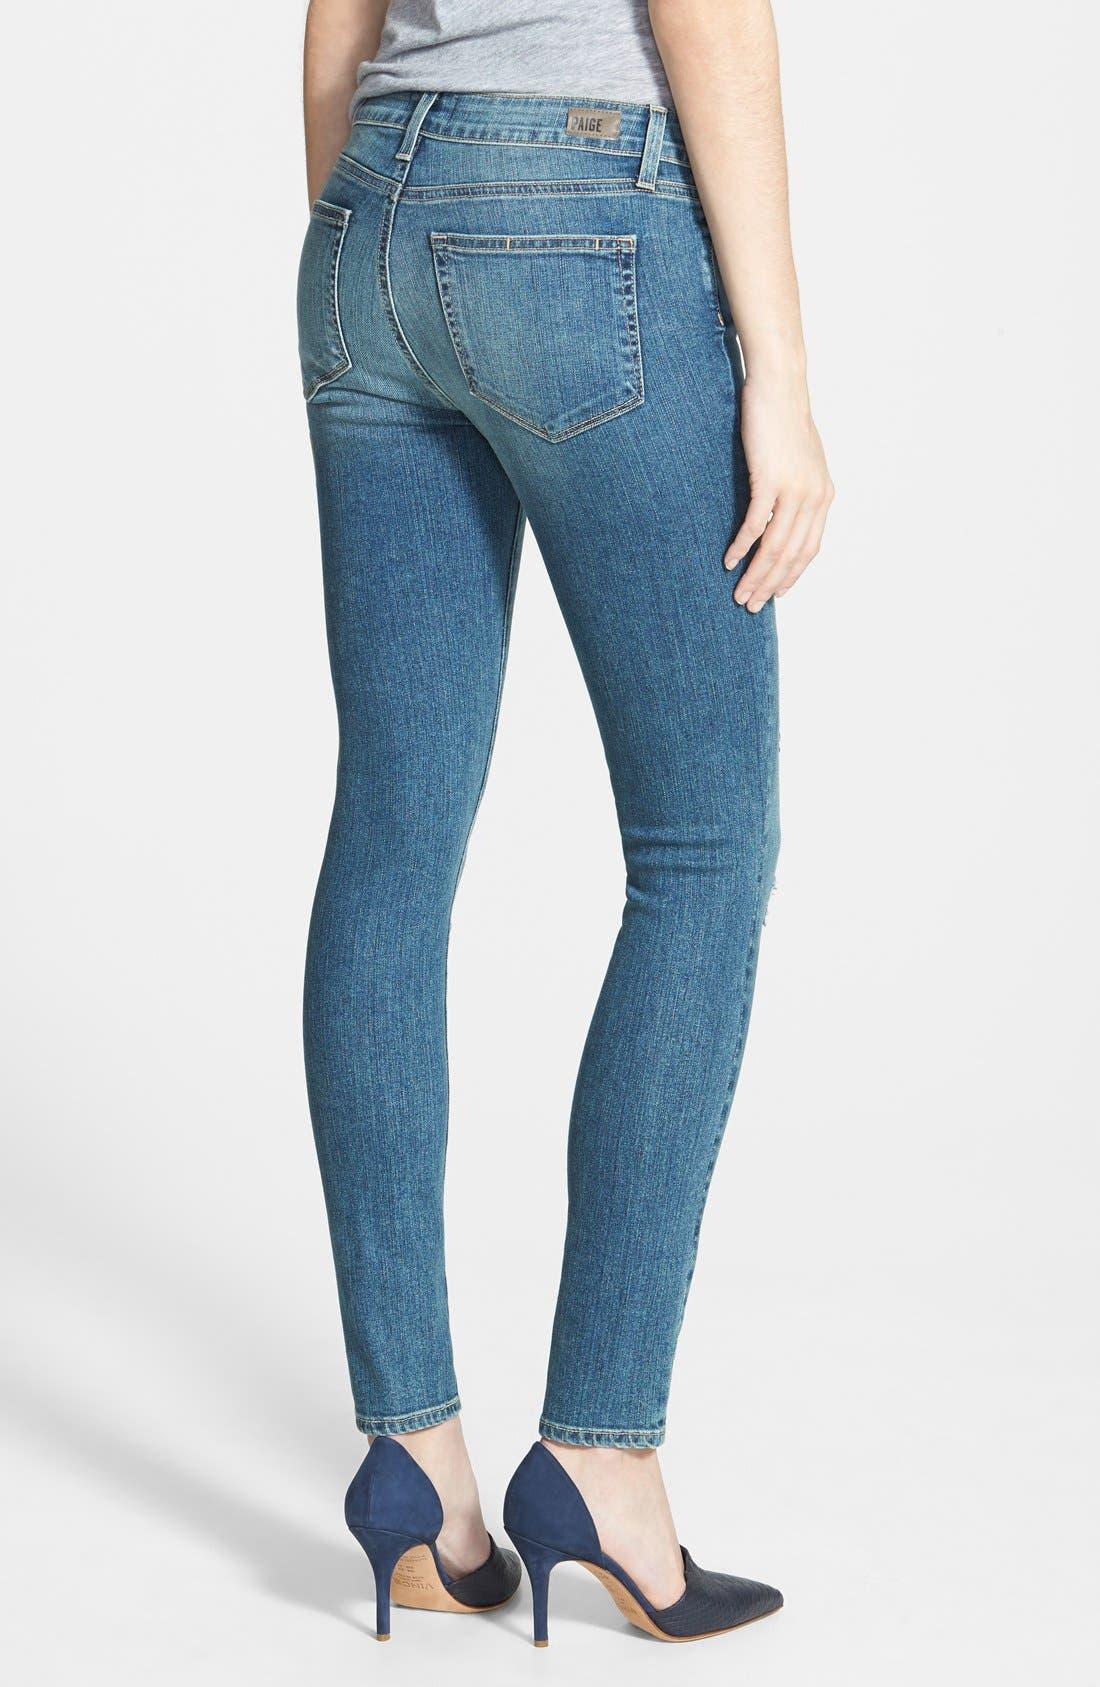 Alternate Image 2  - Paige Denim 'Verdugo' Ultra Skinny Jeans (Dazeley Destructed)